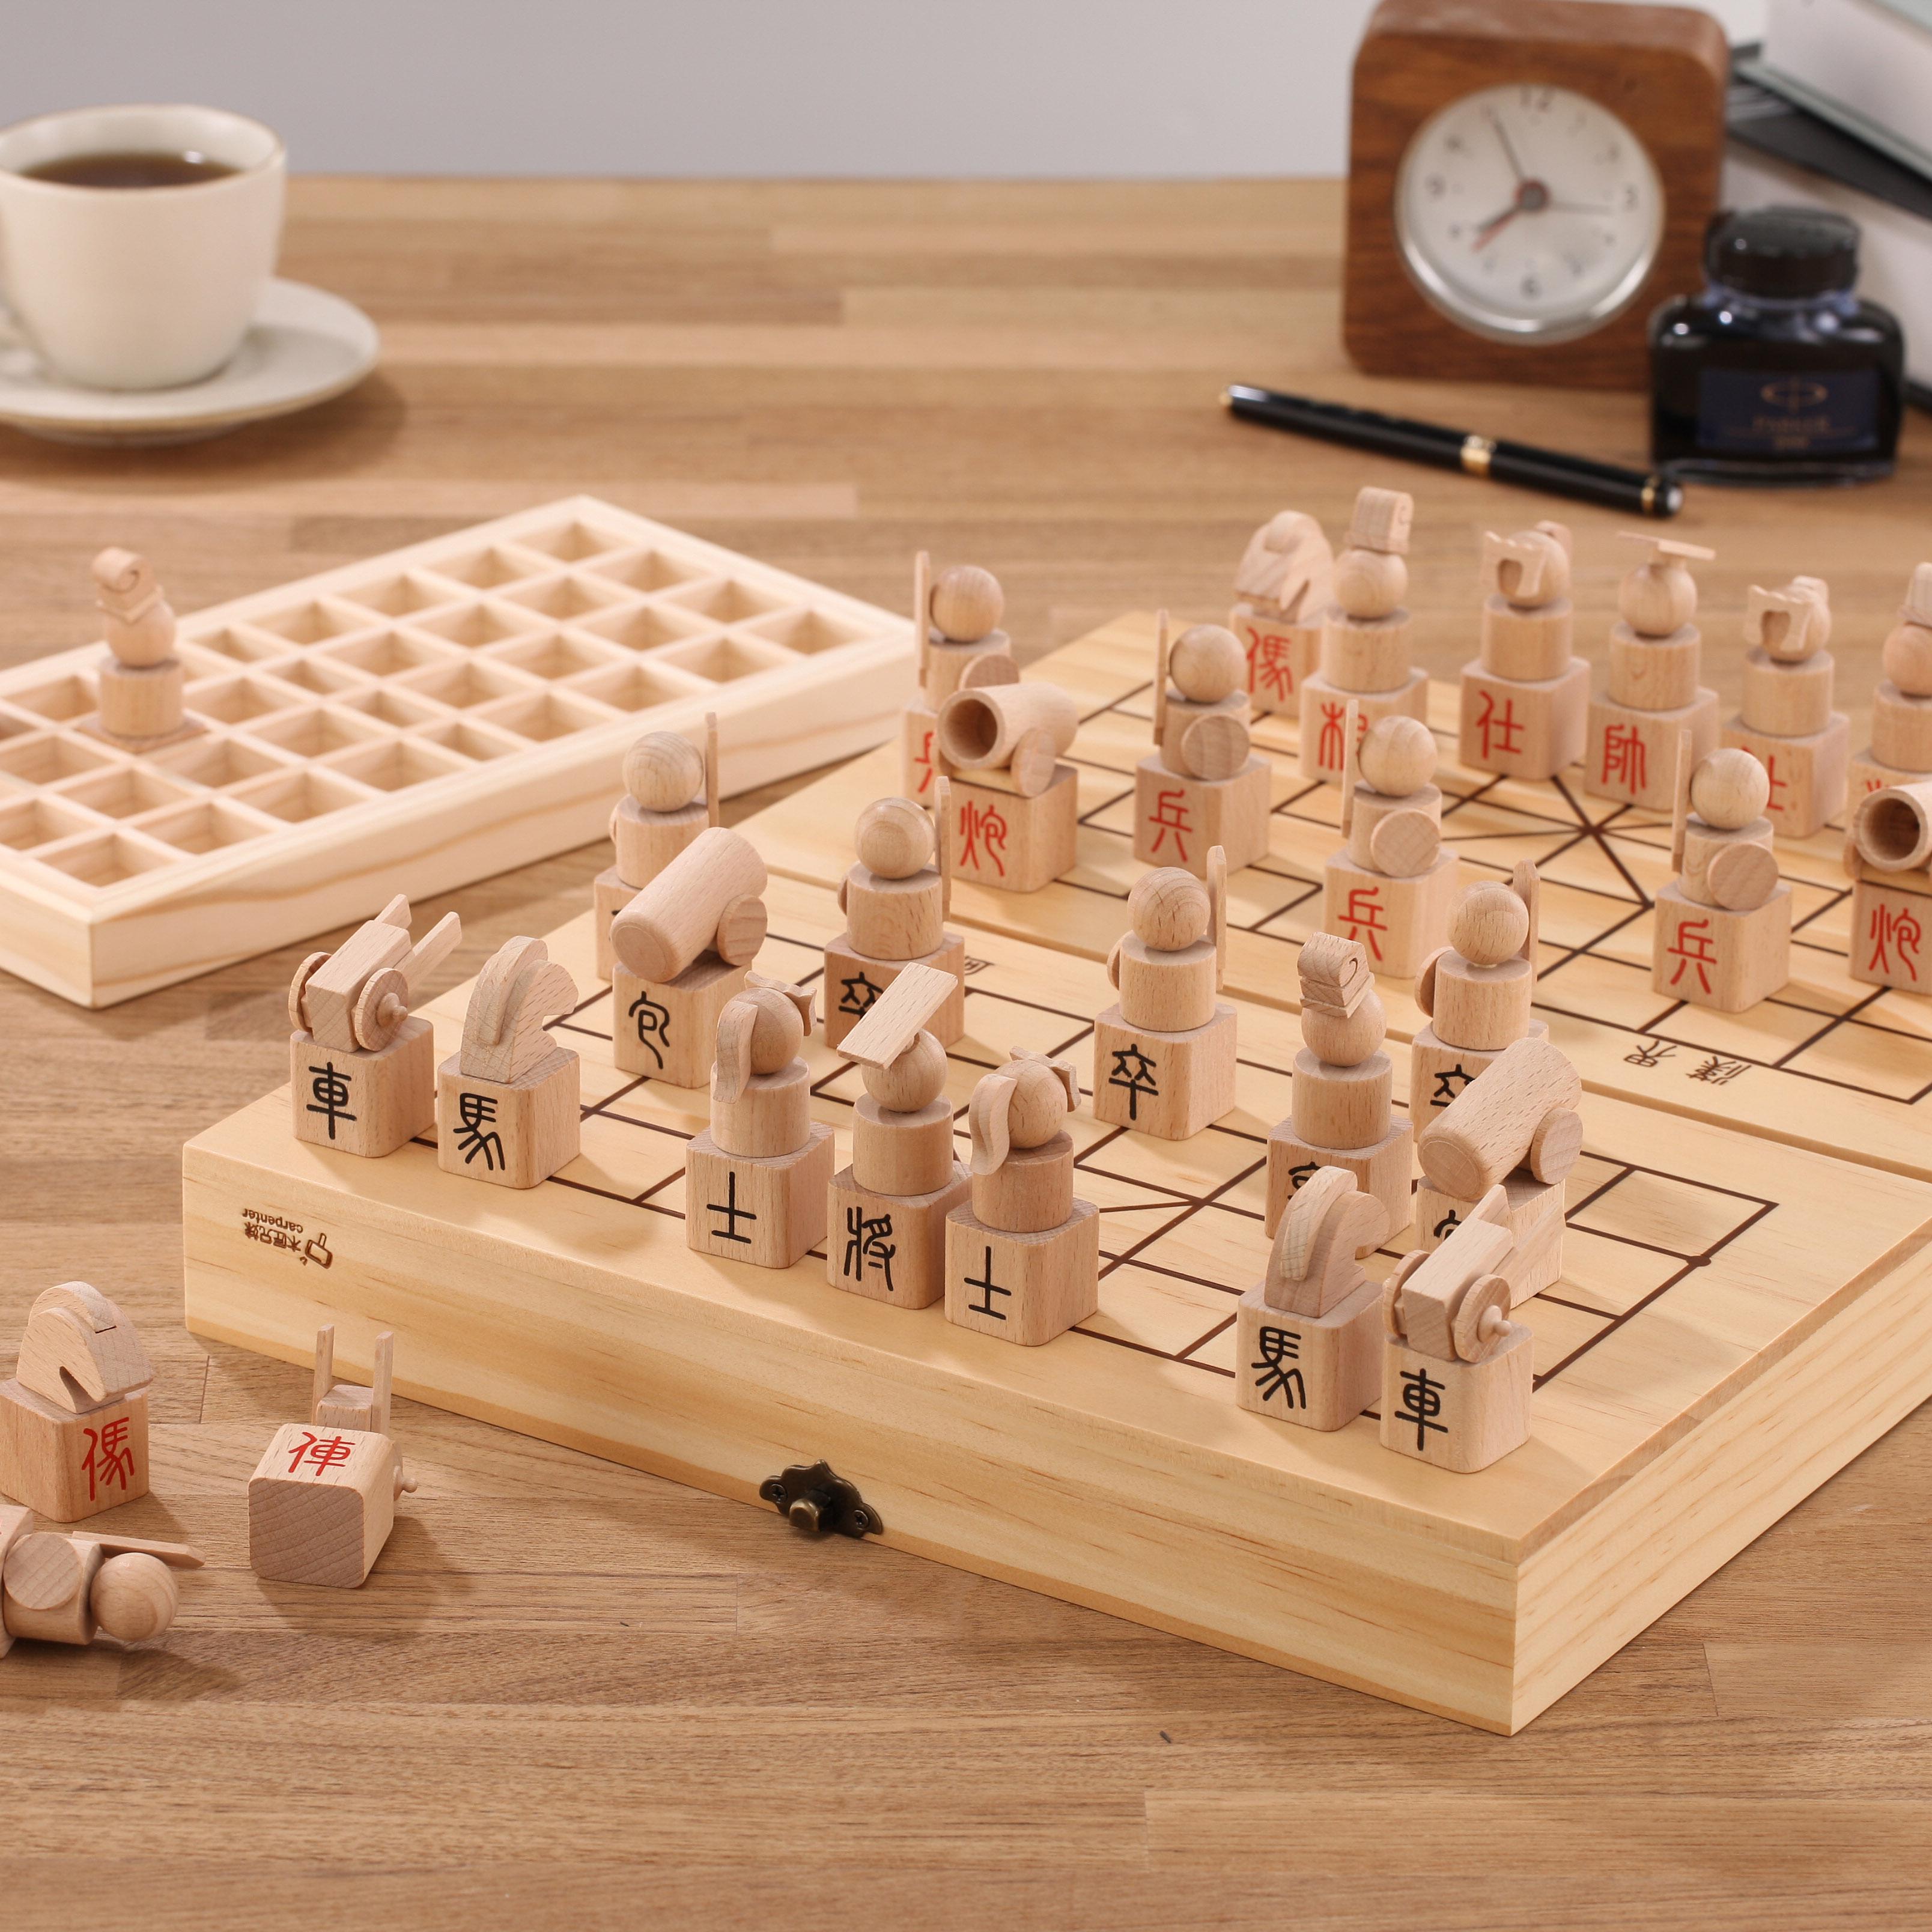 顛覆市面上象棋的形式,改採立體意象化的設計